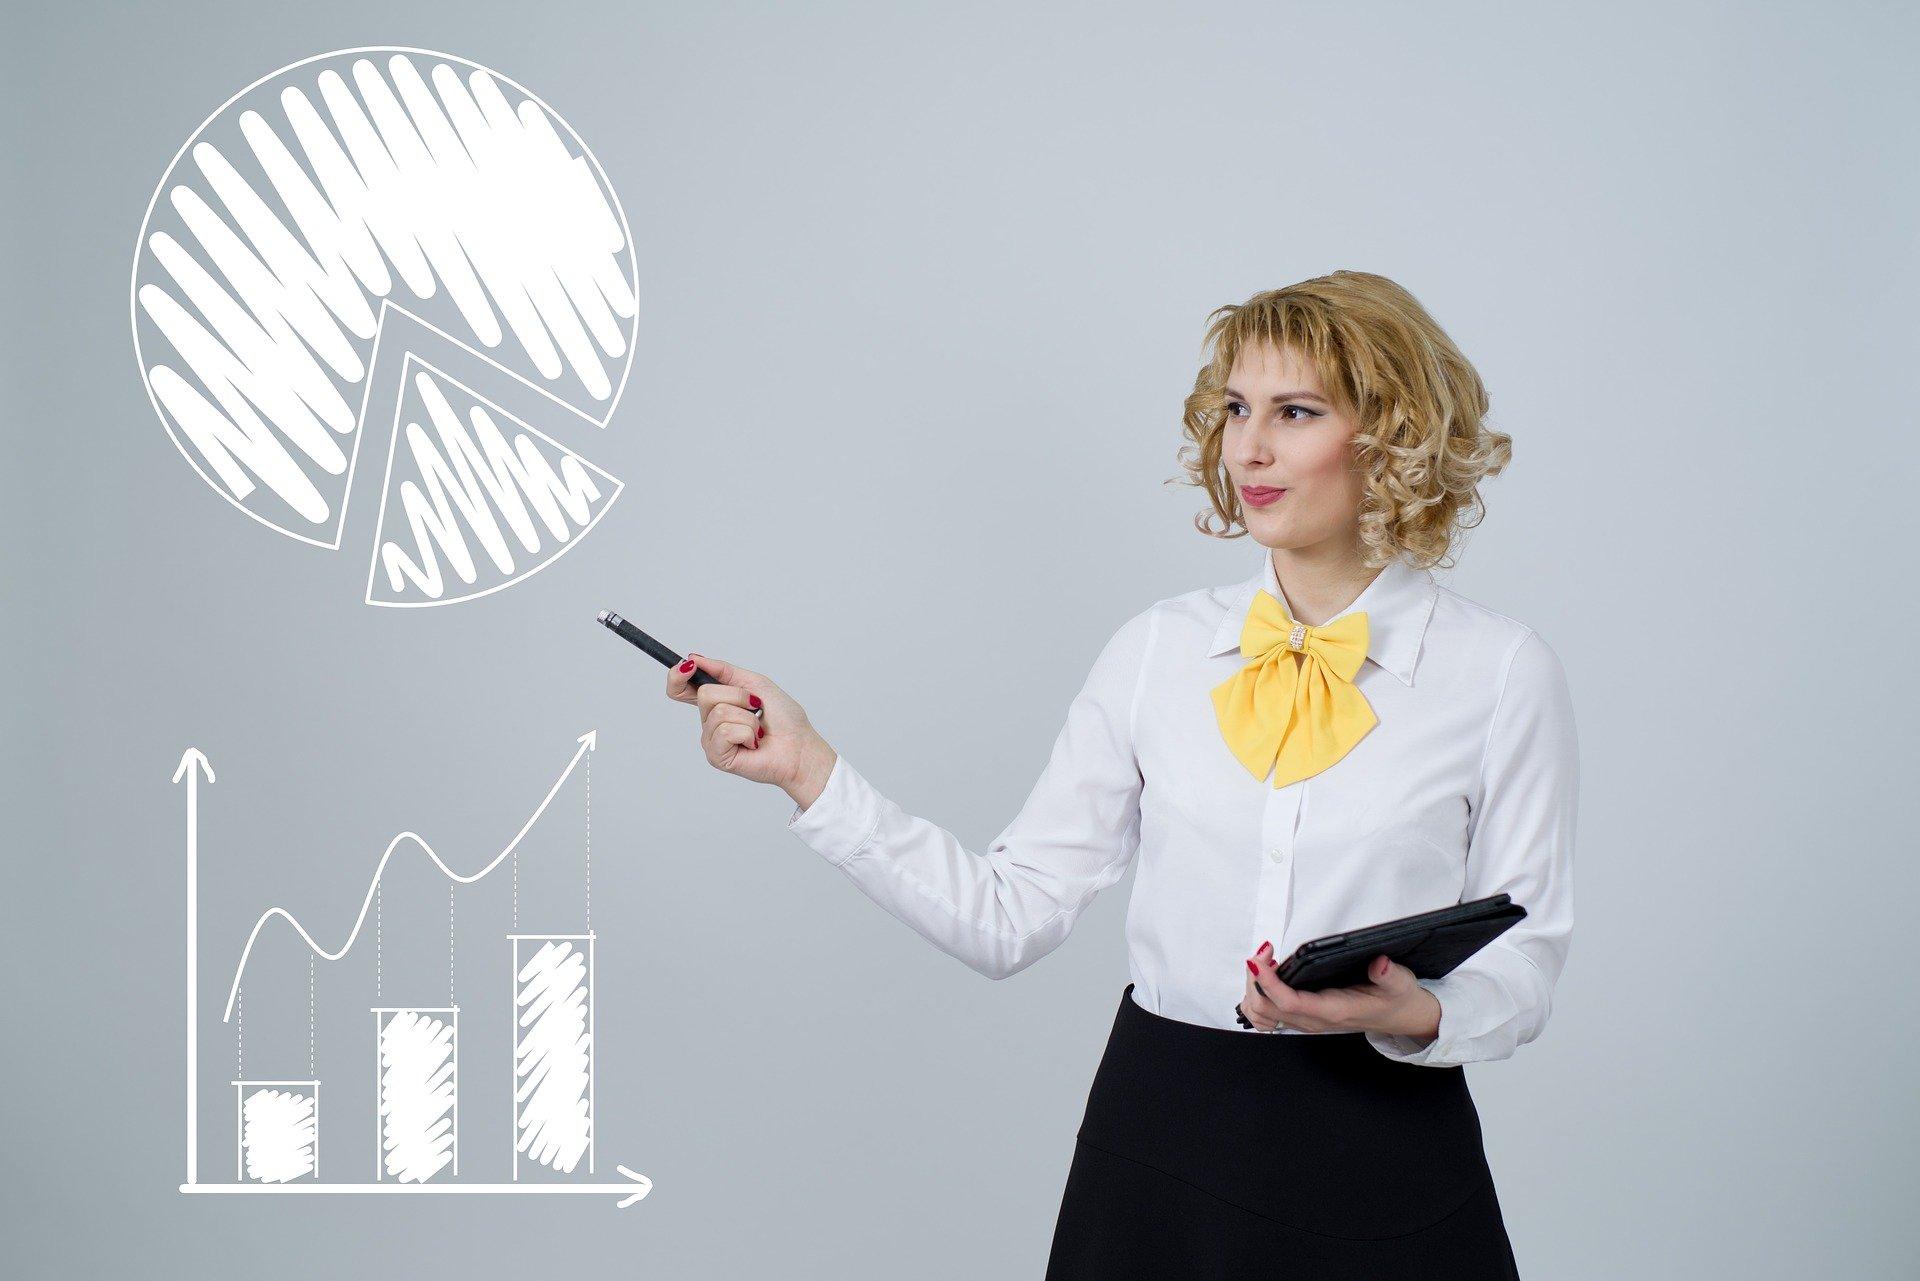 statistici comerciale ale comercianților câștiguri din muncă fără a investi în Internet